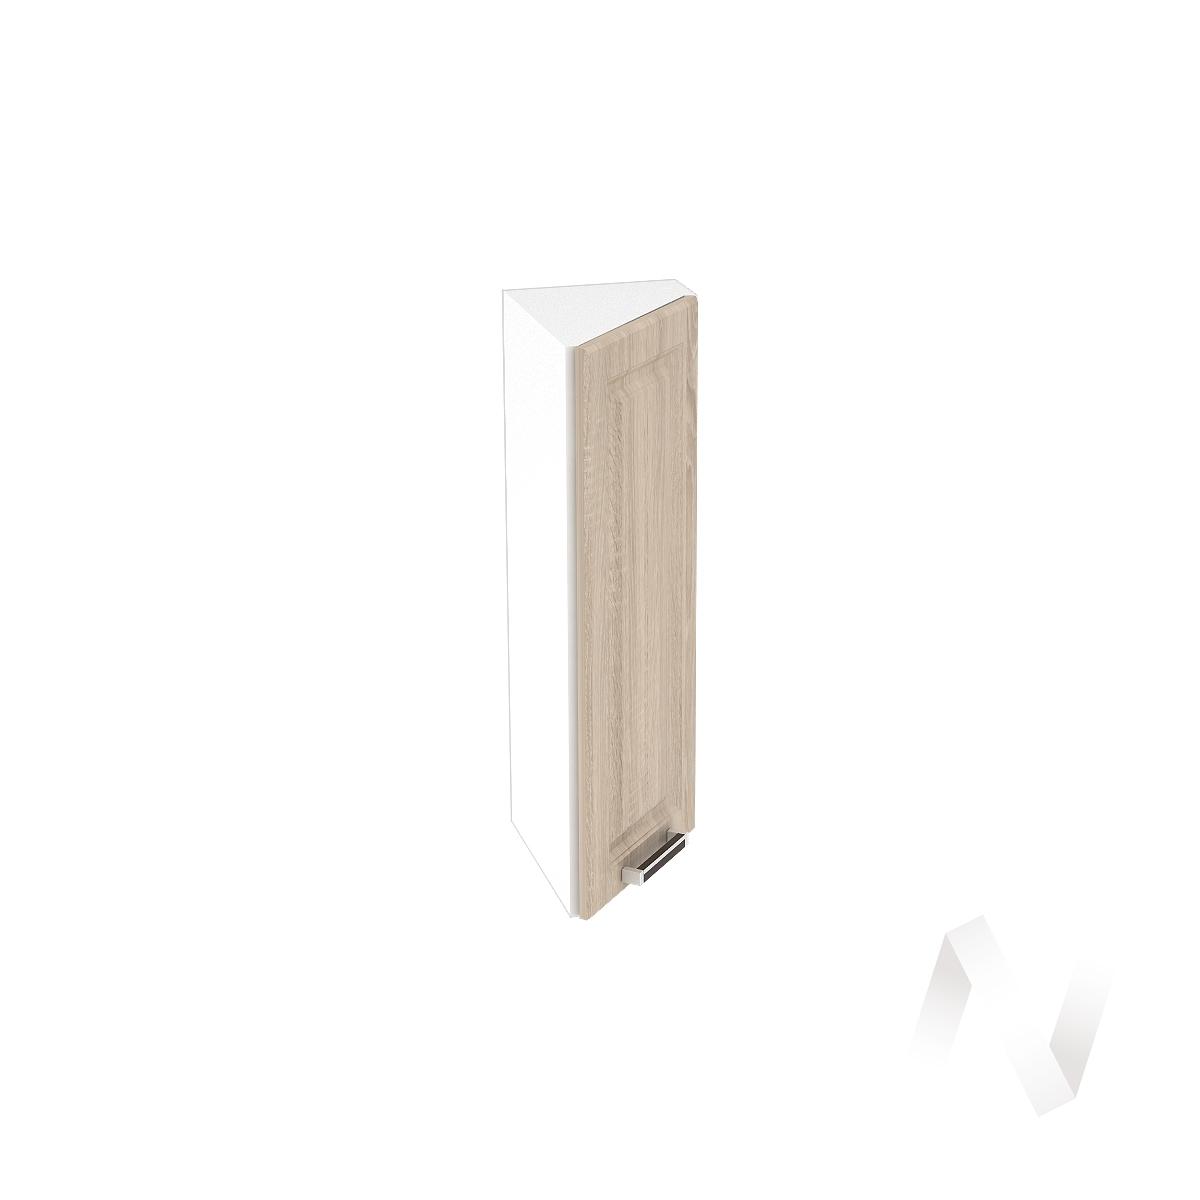 """Кухня """"Прага"""": Шкаф верхний торцевой 224, ШВТ 224 (дуб сонома/корпус белый)"""